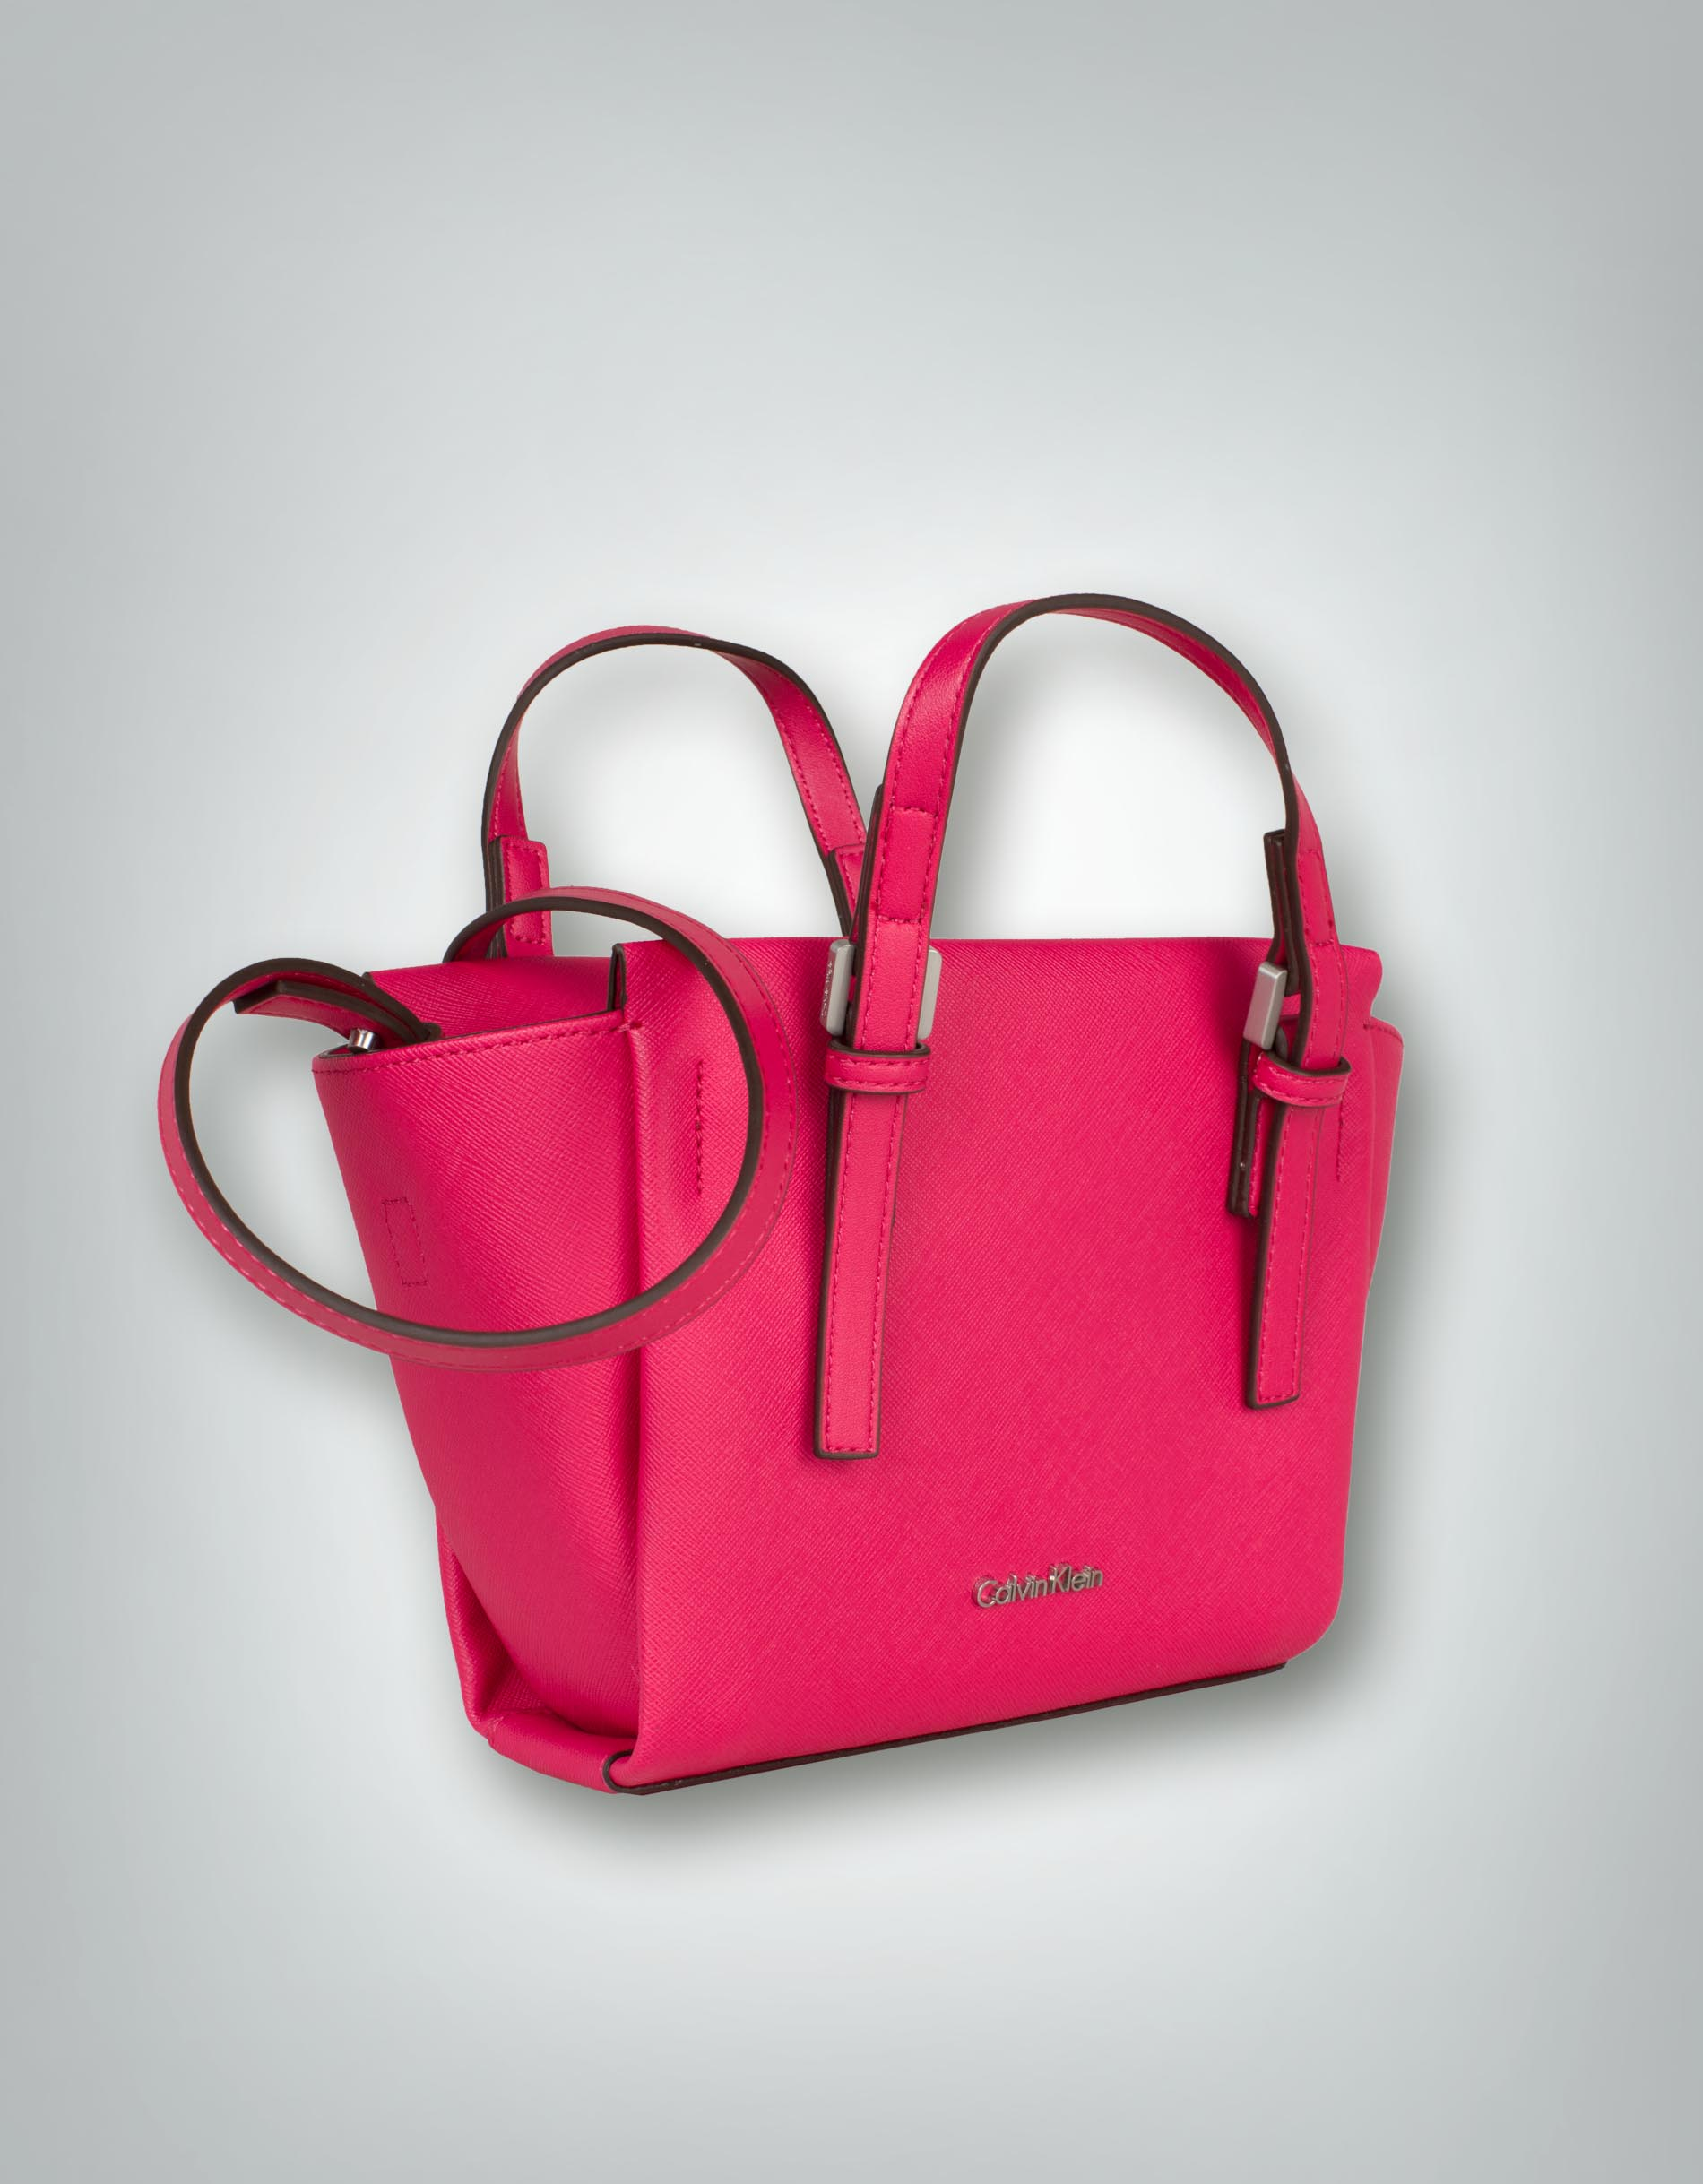 calvin klein damen tasche mini tote bag mit saffiano. Black Bedroom Furniture Sets. Home Design Ideas